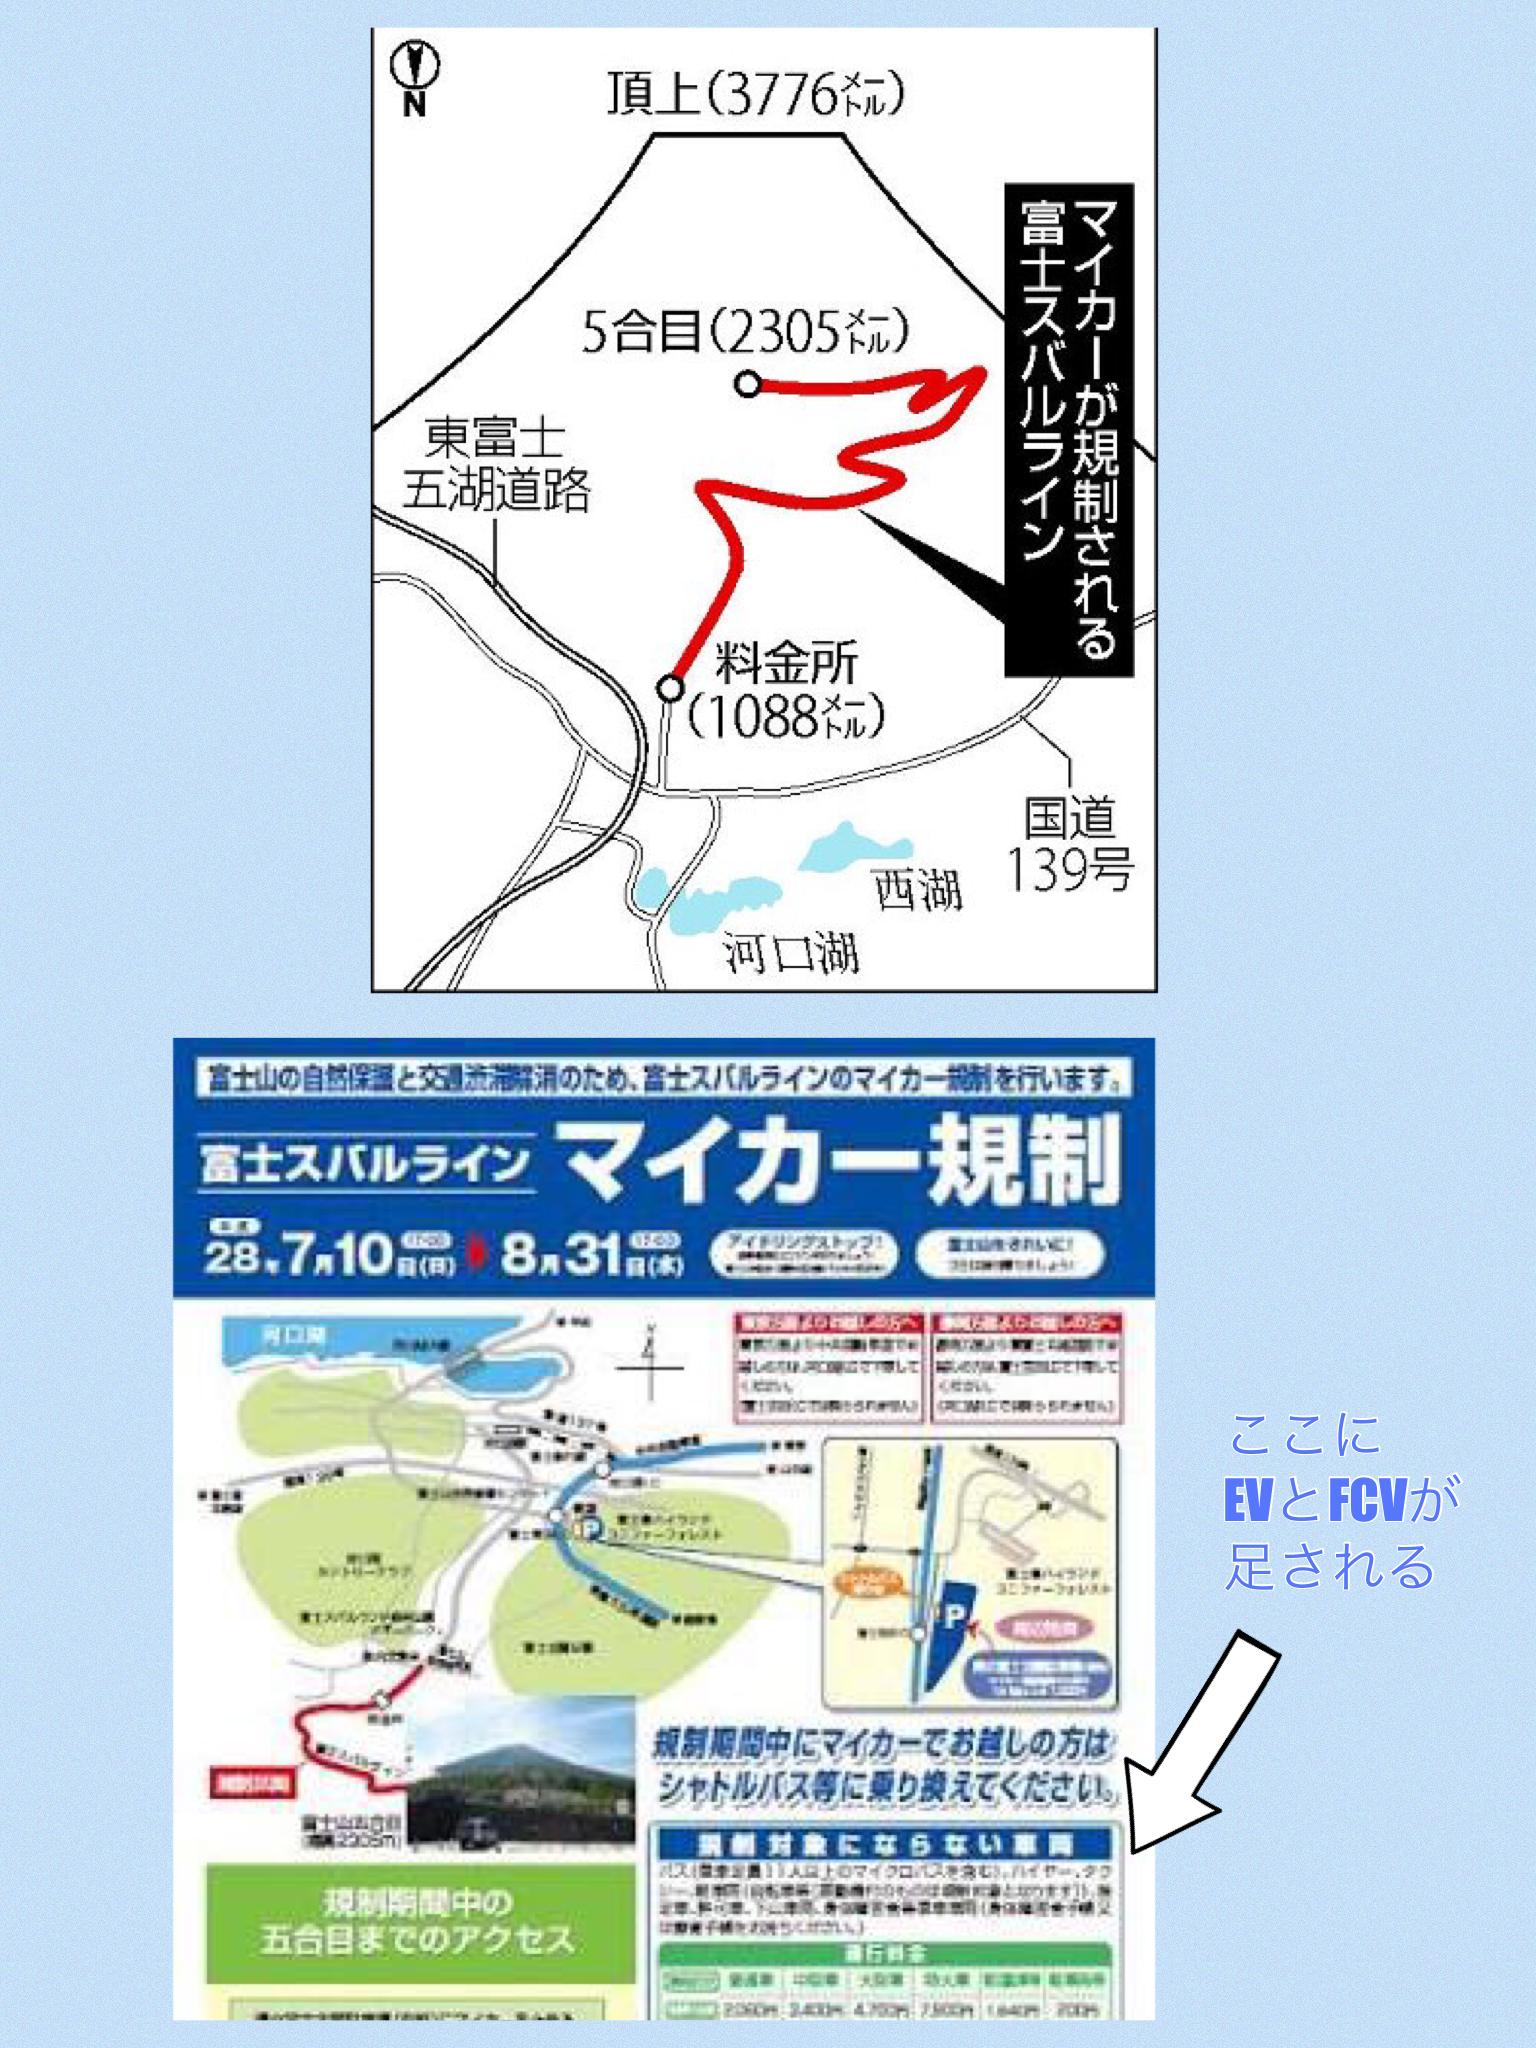 富士スバルライン 夏のマイカー規制 2017 EV